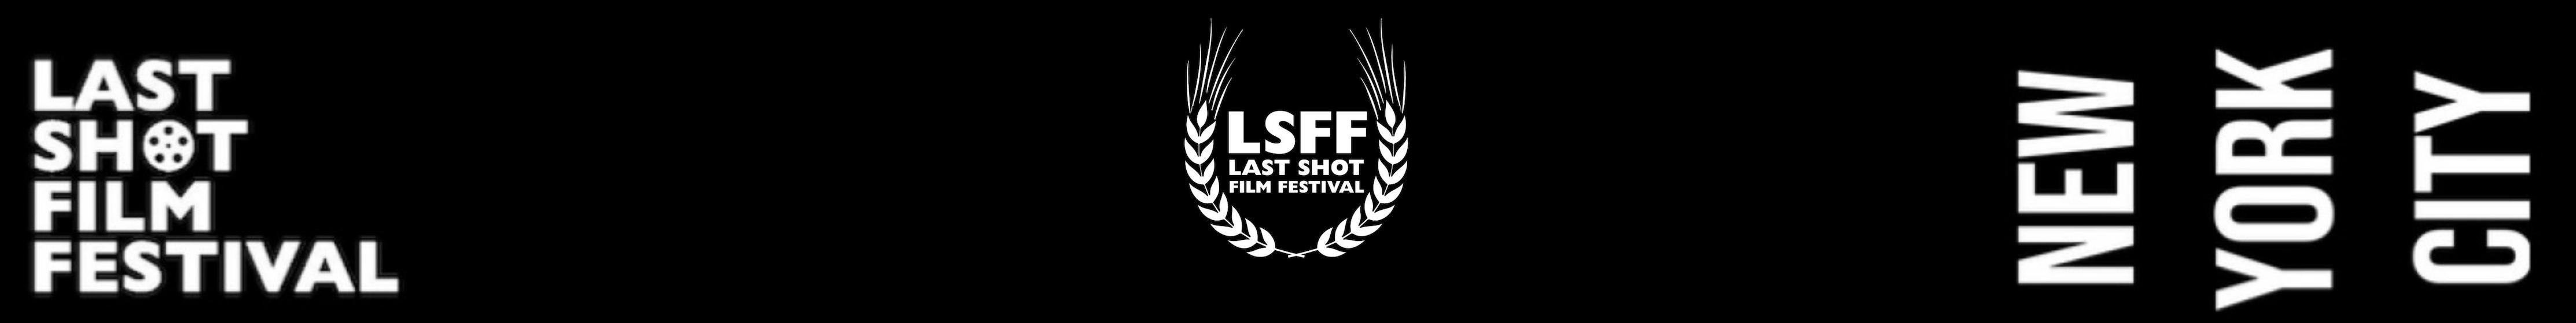 Last Shot Film Festival